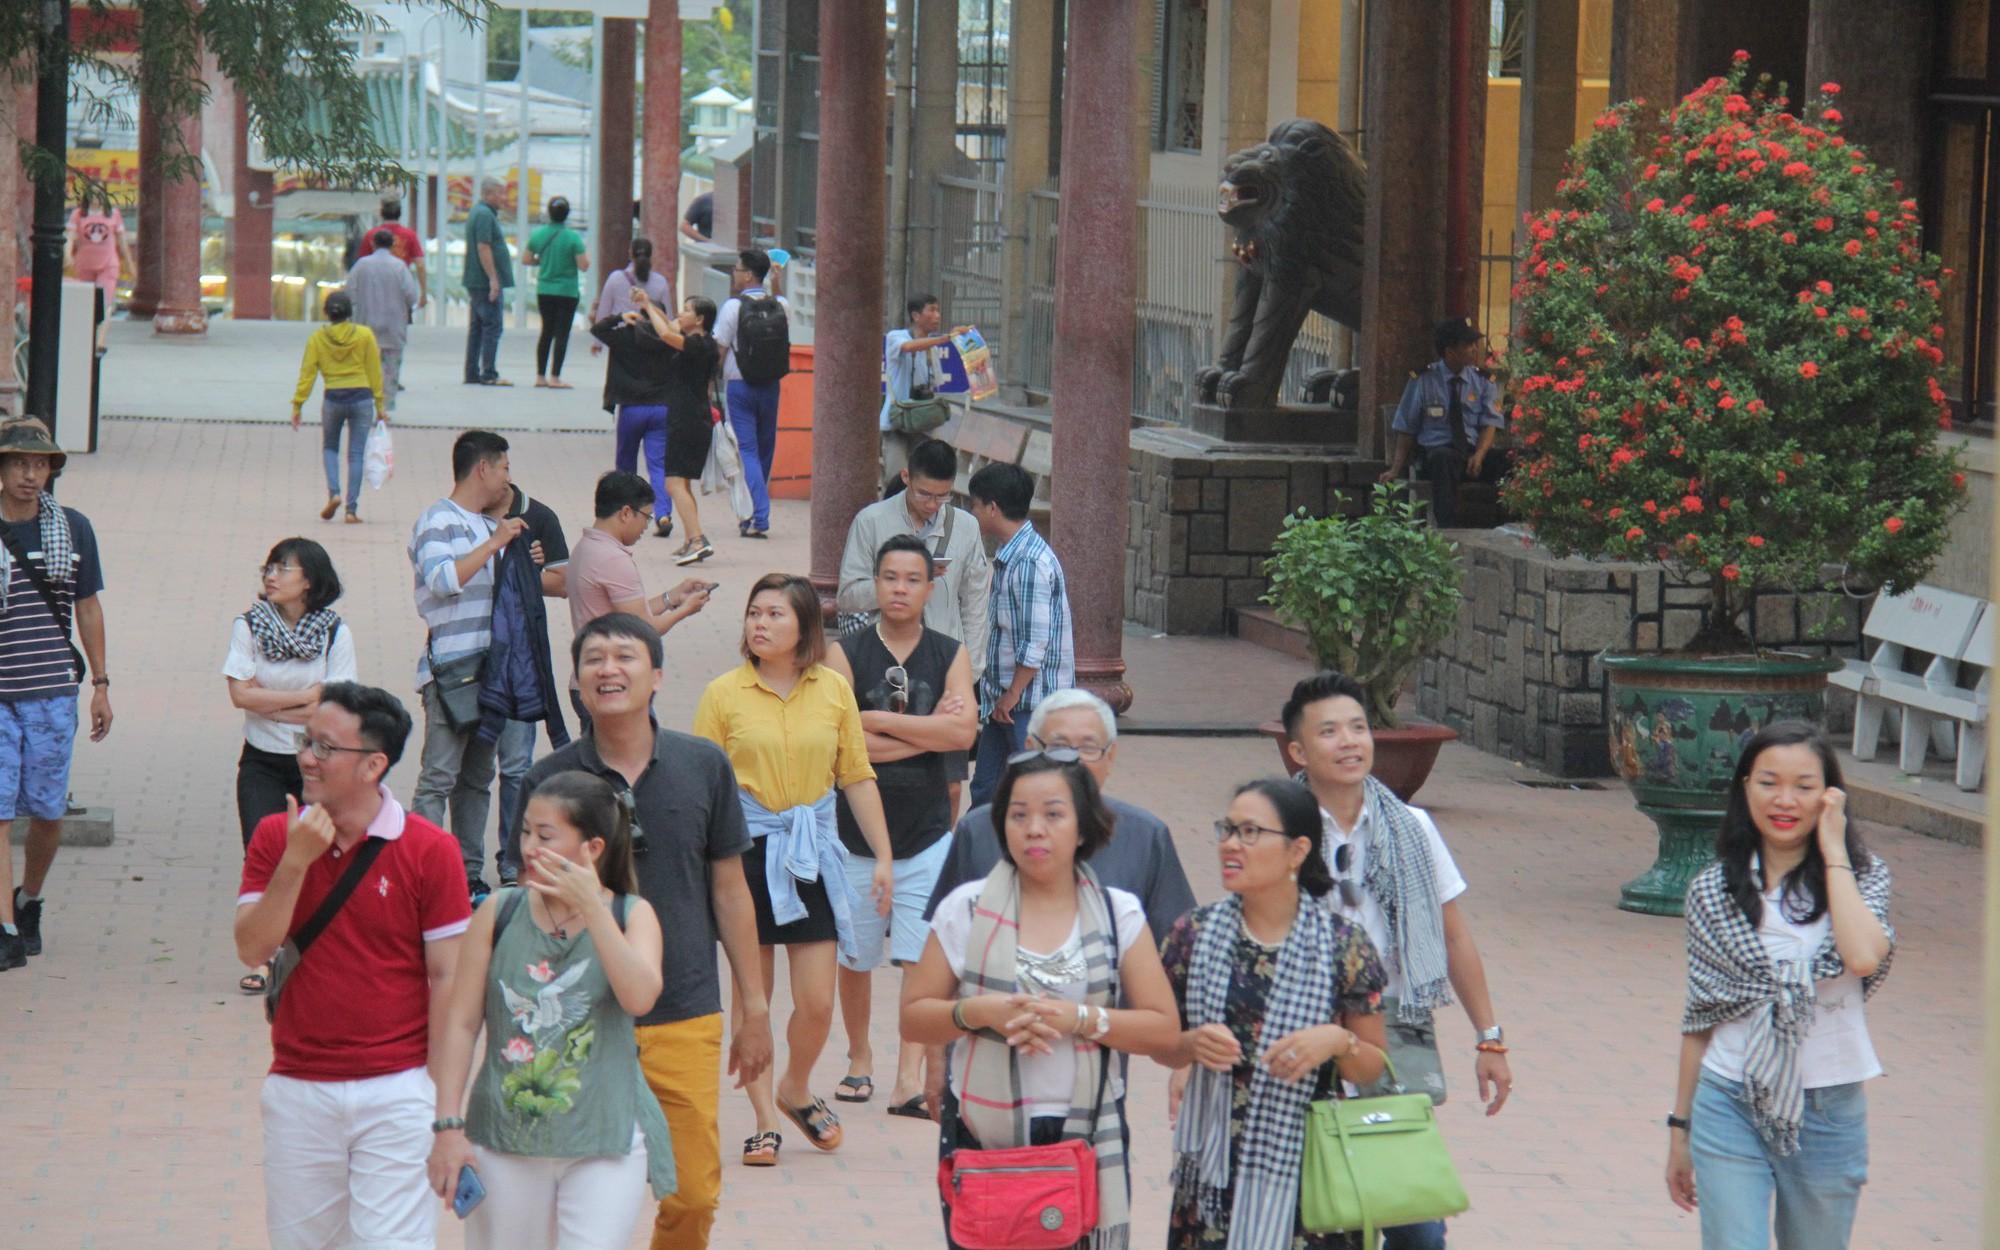 Tổng cục Du lịch yêu cầu Saigontourist giải trình rõ về những ấn phẩm có hình ảnh